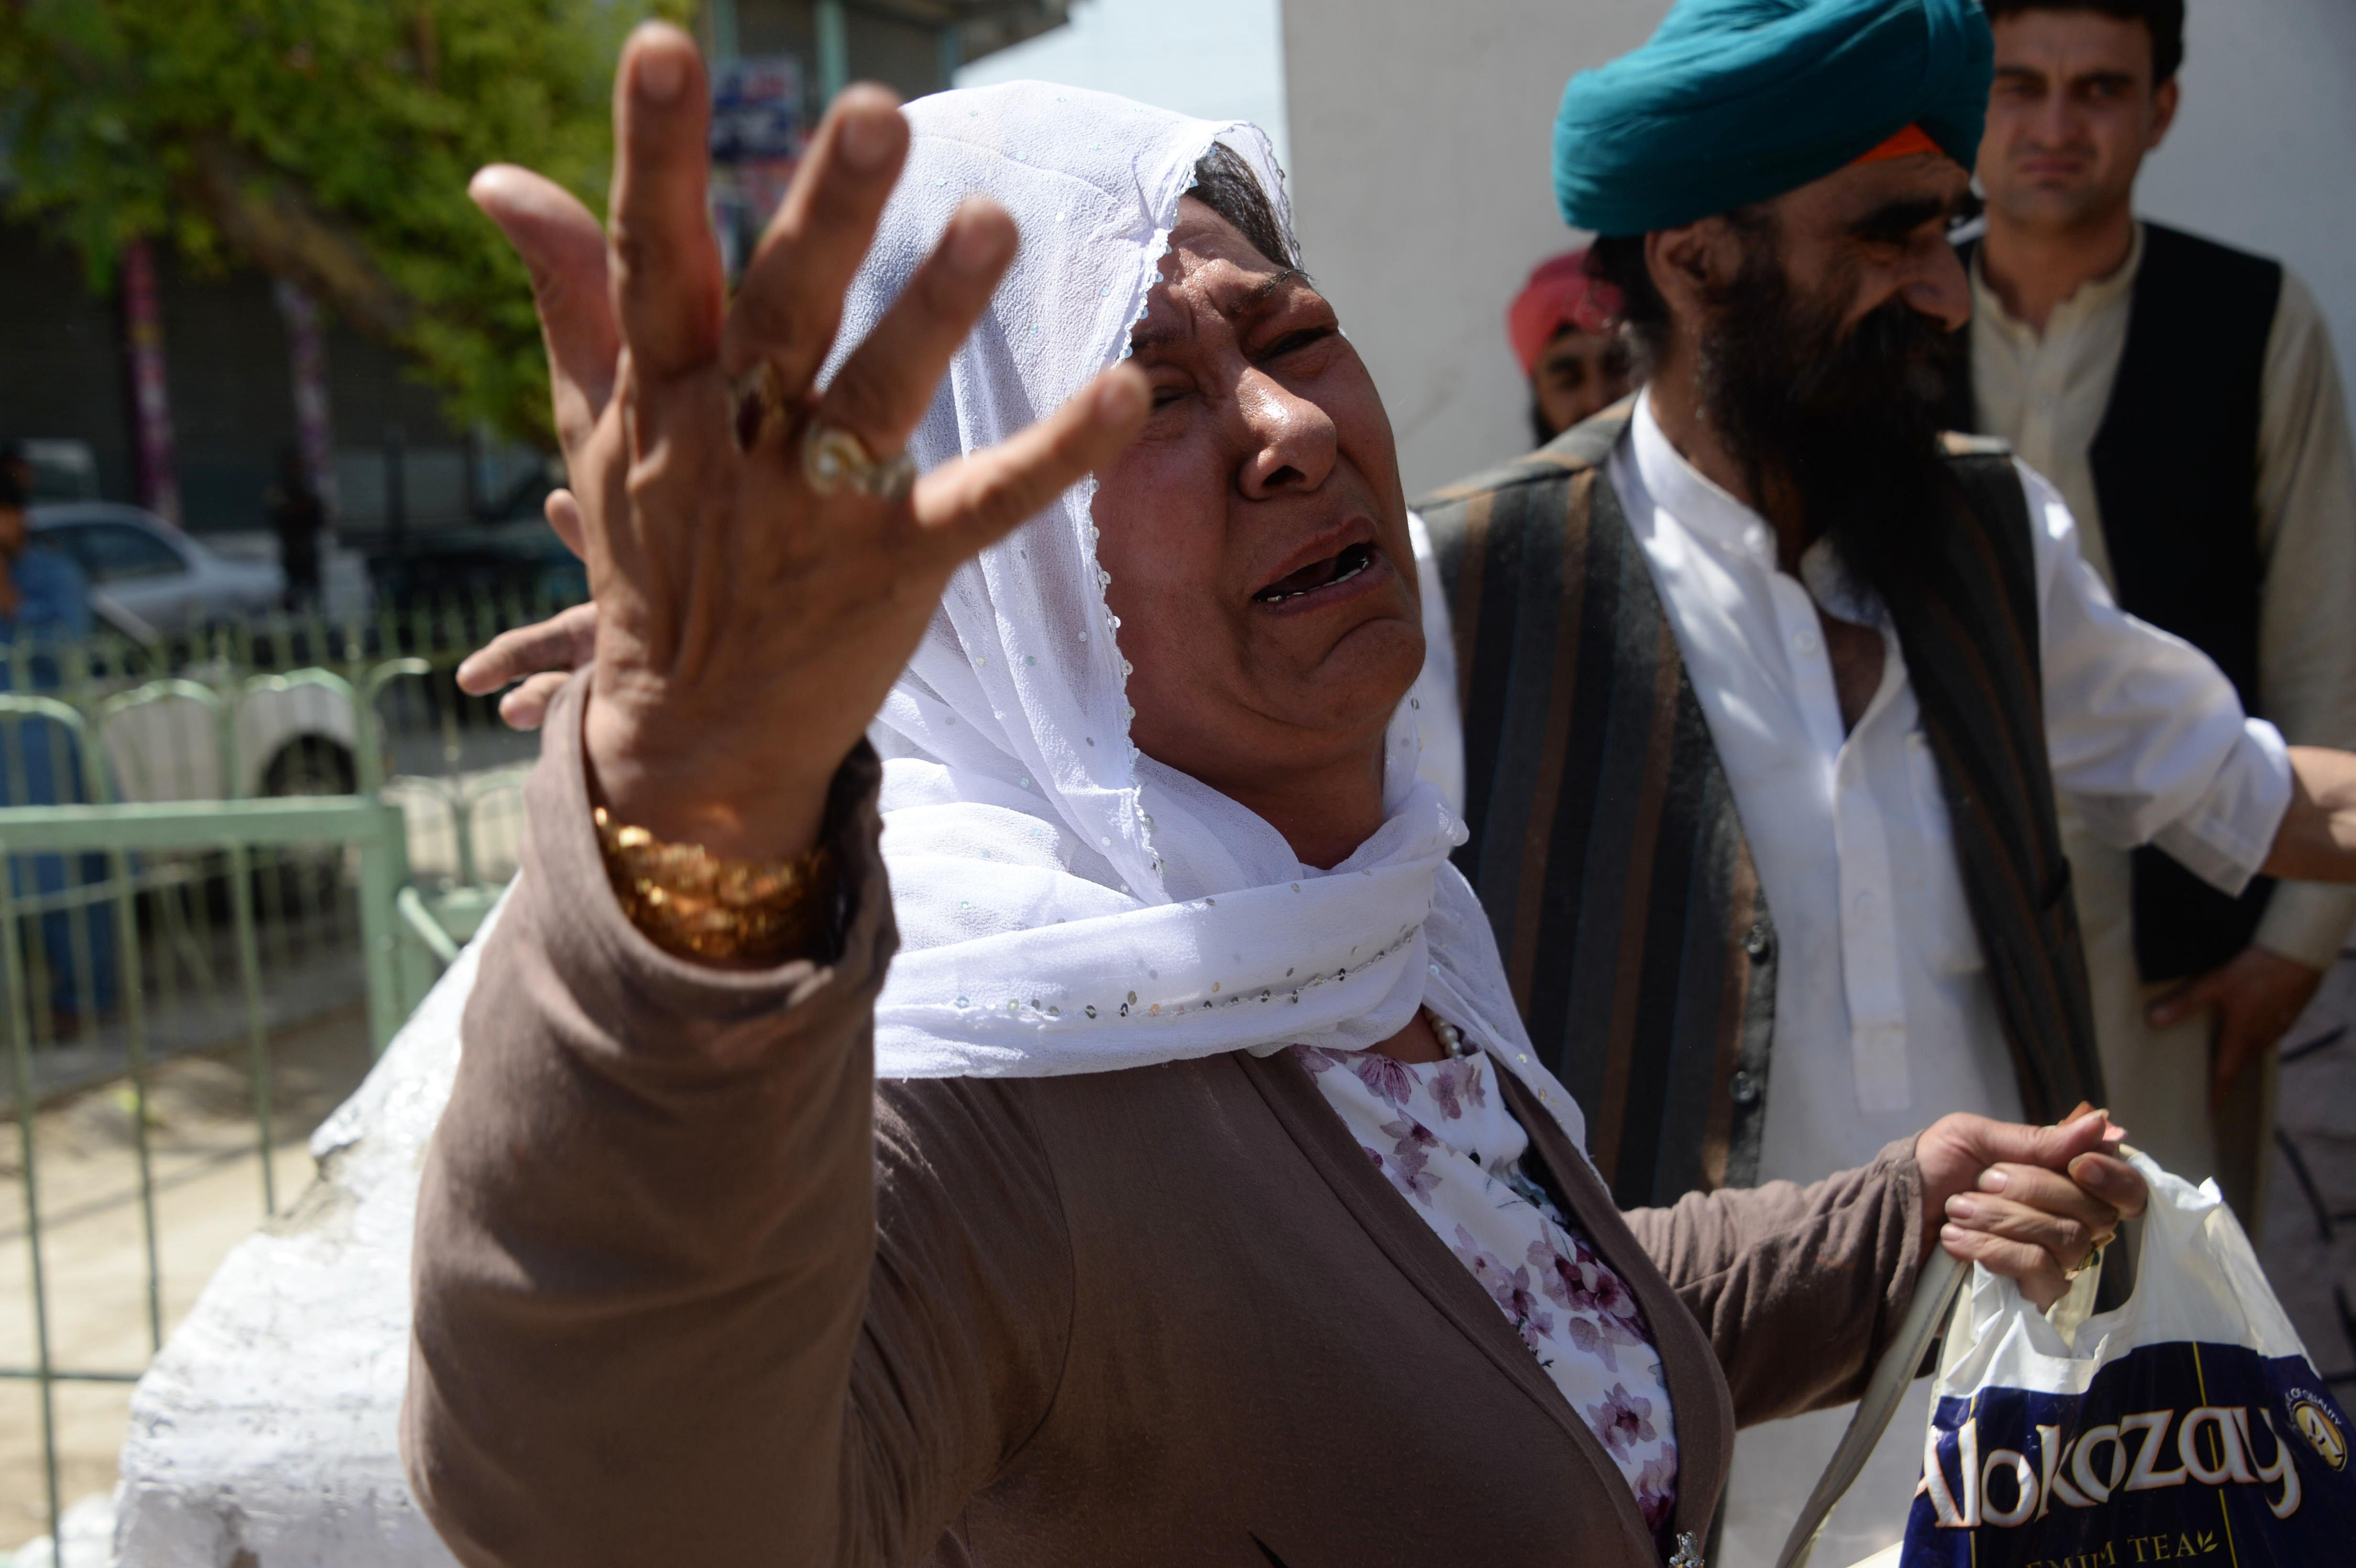 اندوه و خشم پس از حملهٔ داعش بالای سیک ها و هندو های افغان